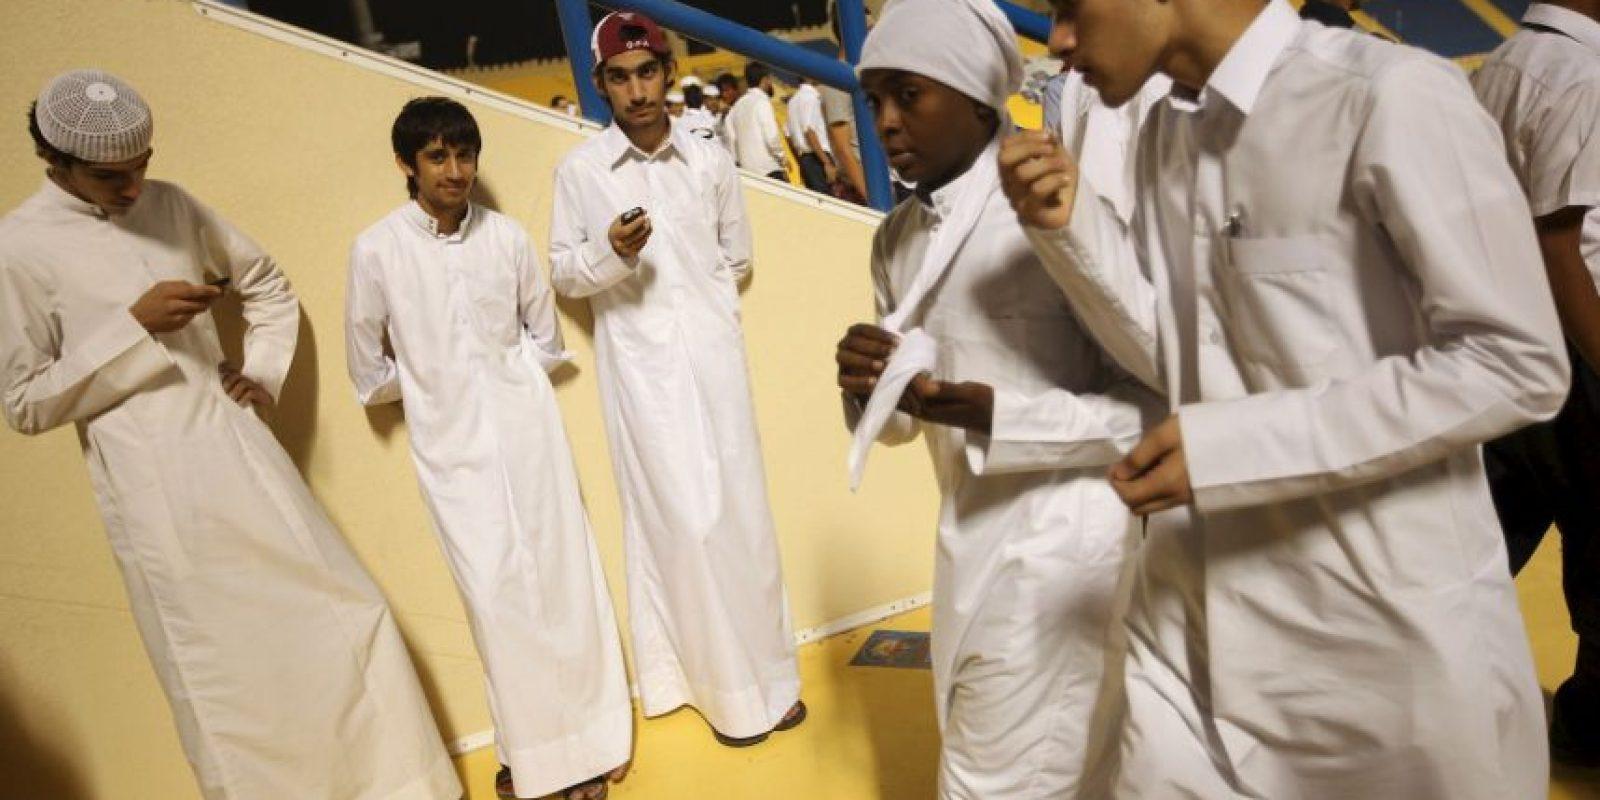 La elección de Catar como sede del Mundial de 2022 ha sido polémica Foto:Getty Images